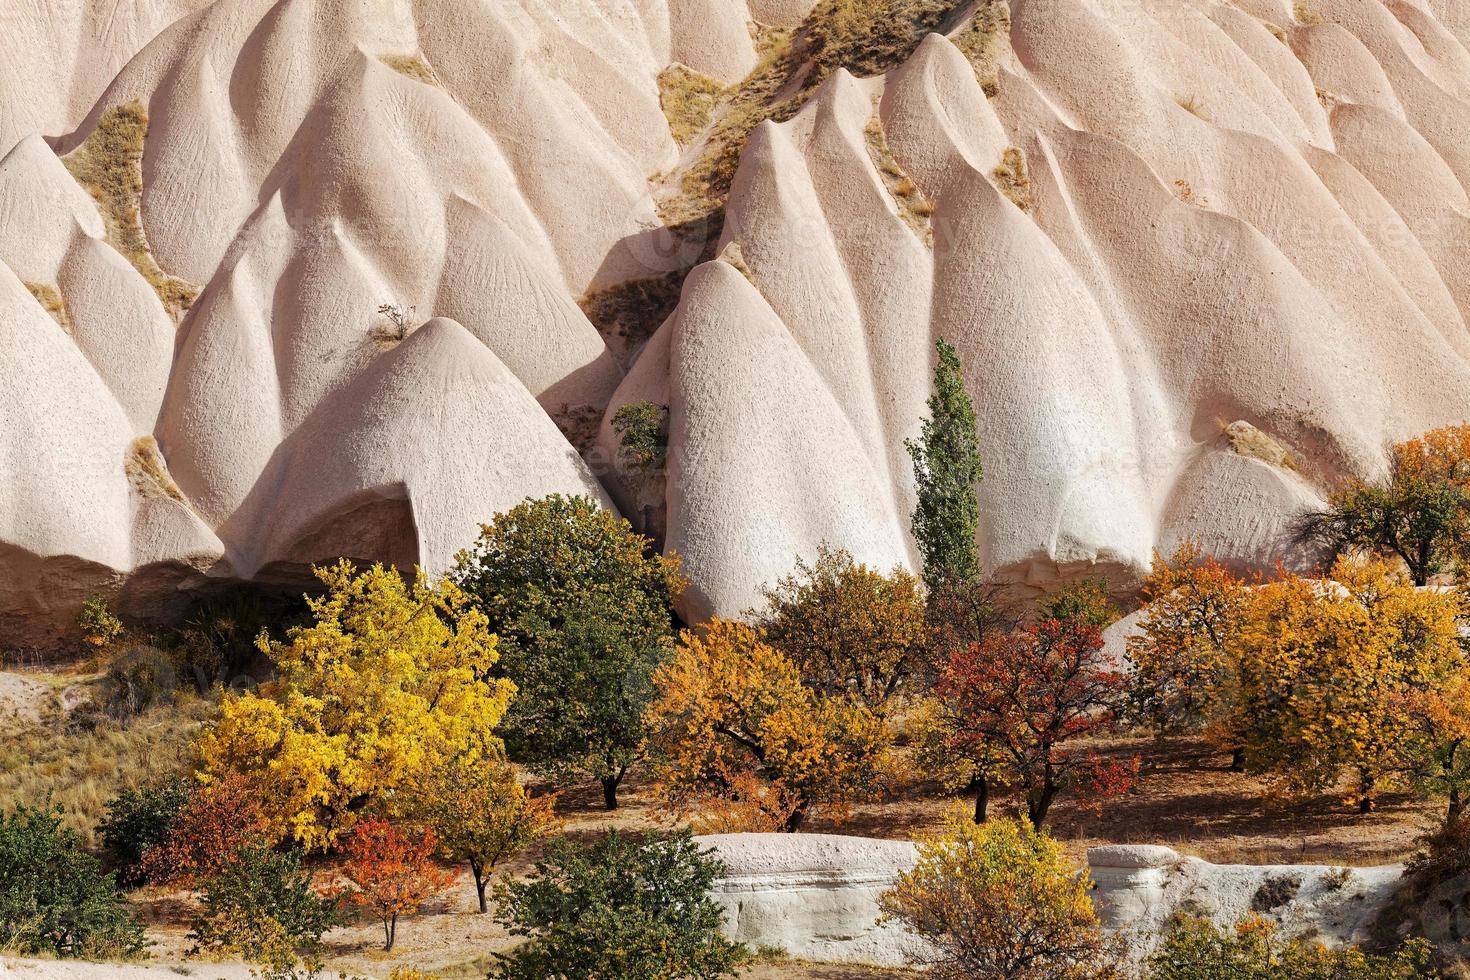 formações rochosas da capadócia e árvores frutíferas no outono foto